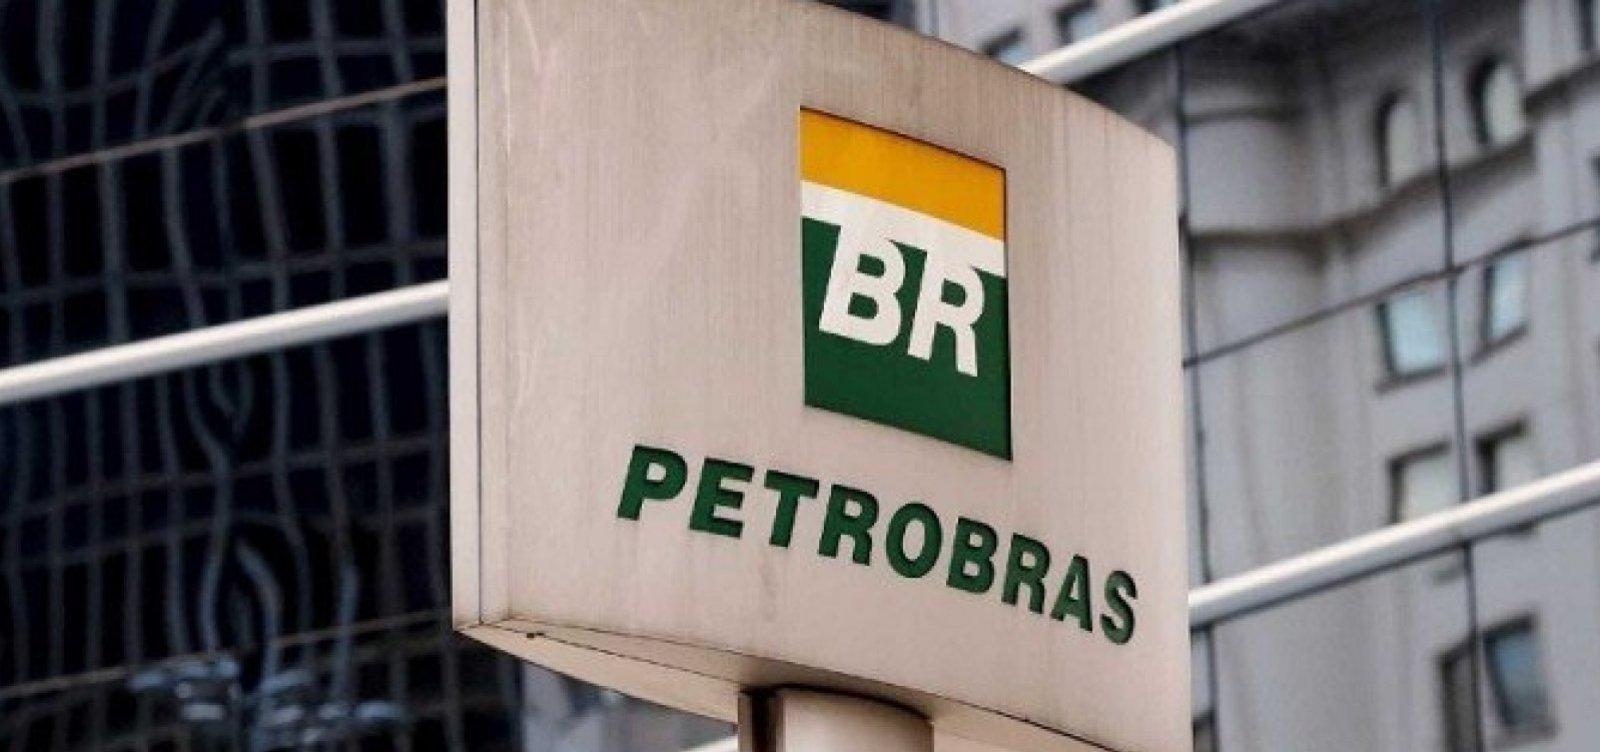 Petrobras lucra R$ 6,64 bilhões no 3º trimestre de 2018